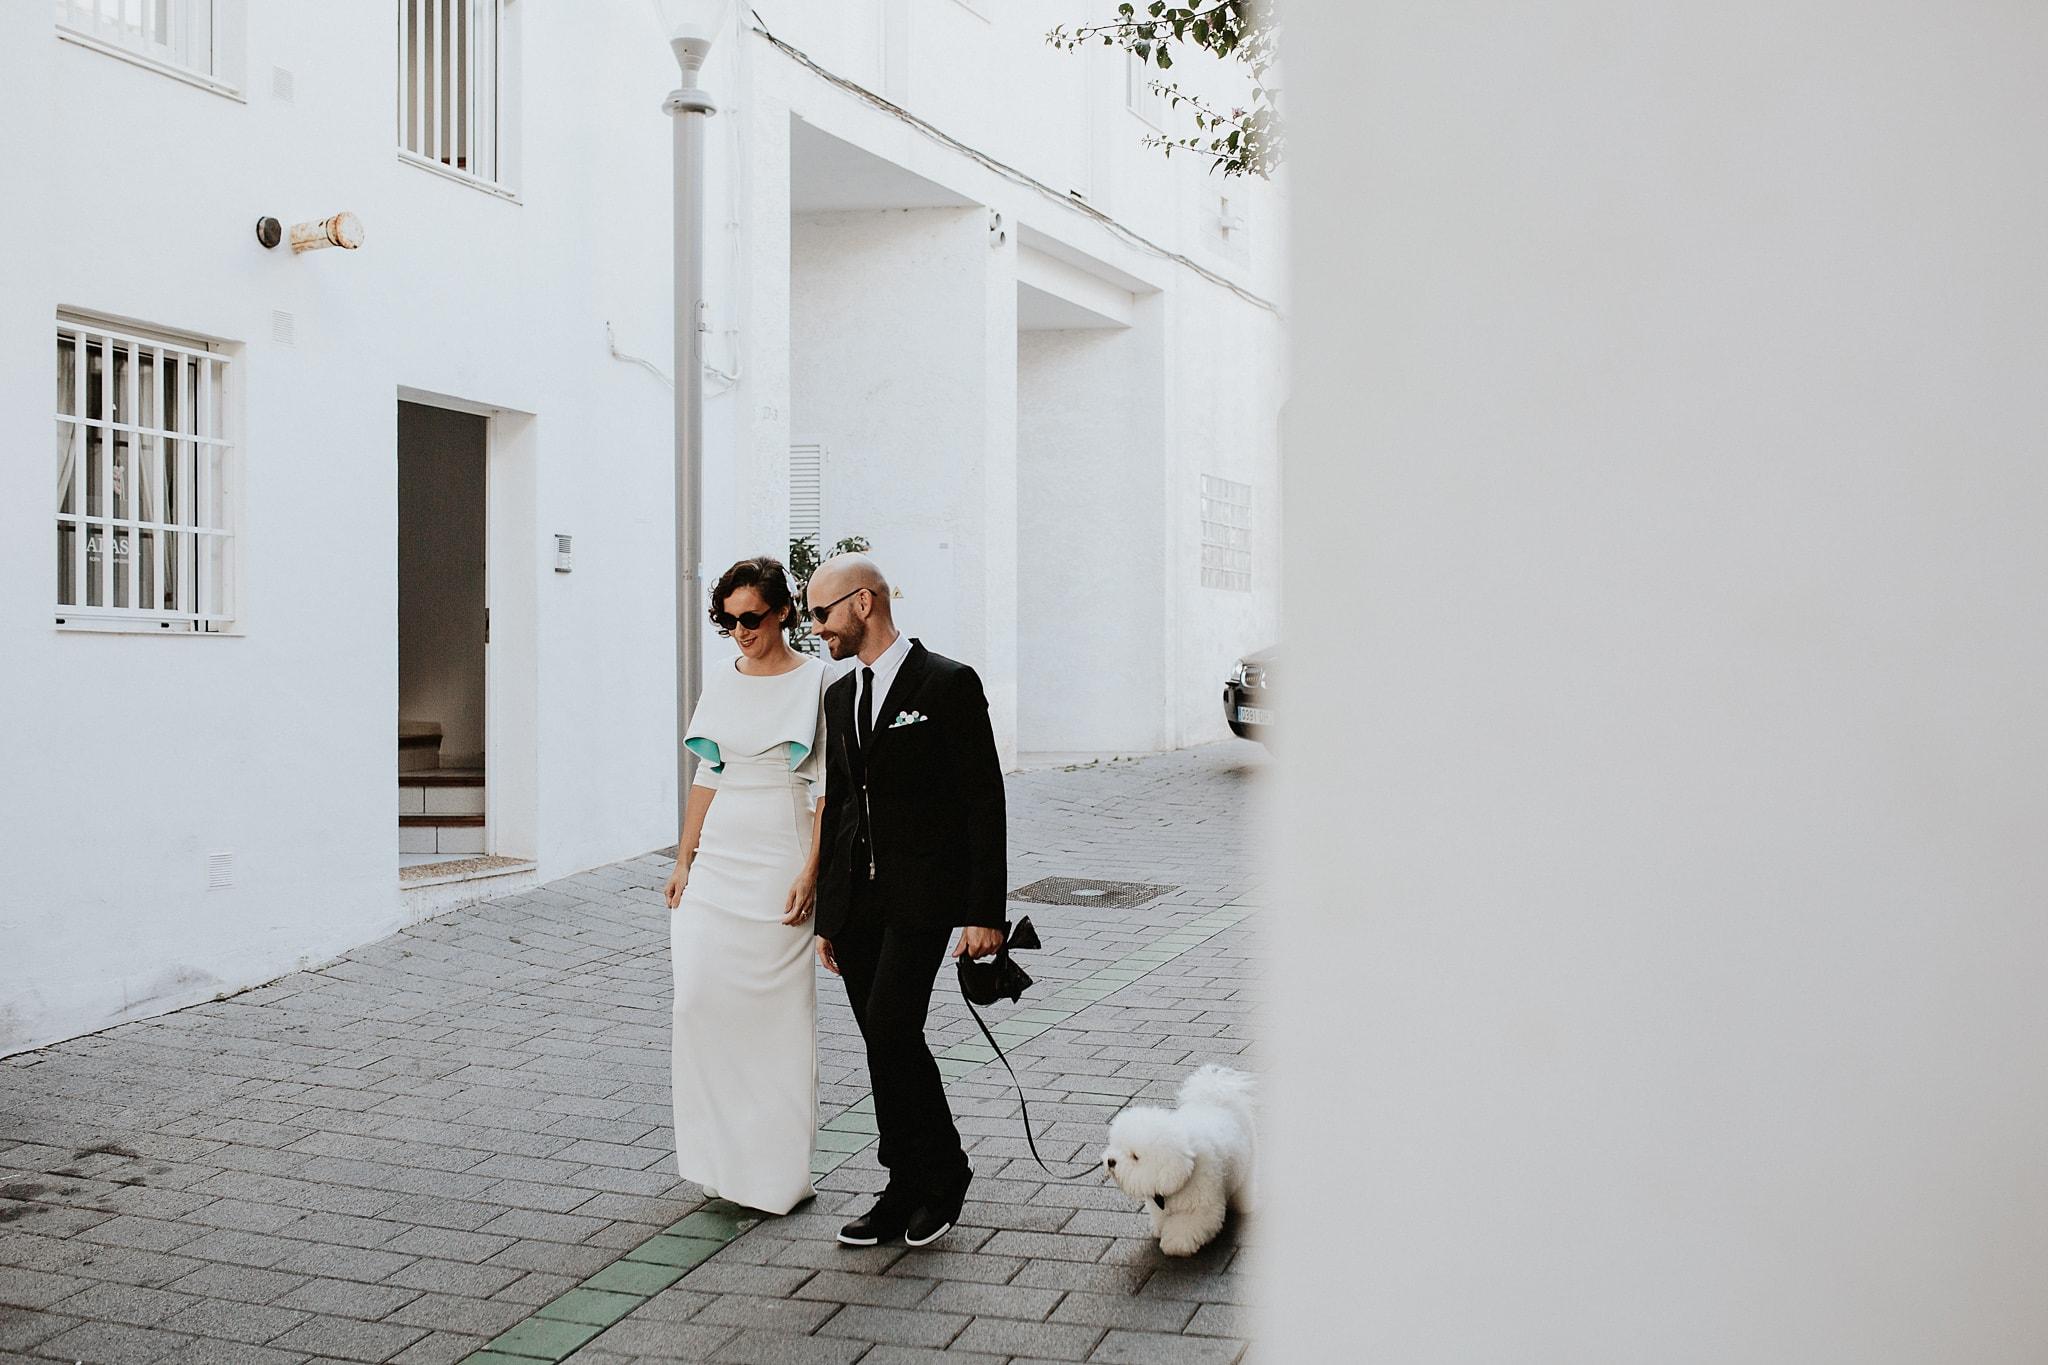 prisma-blanco-fotografia-bodas-altea-68